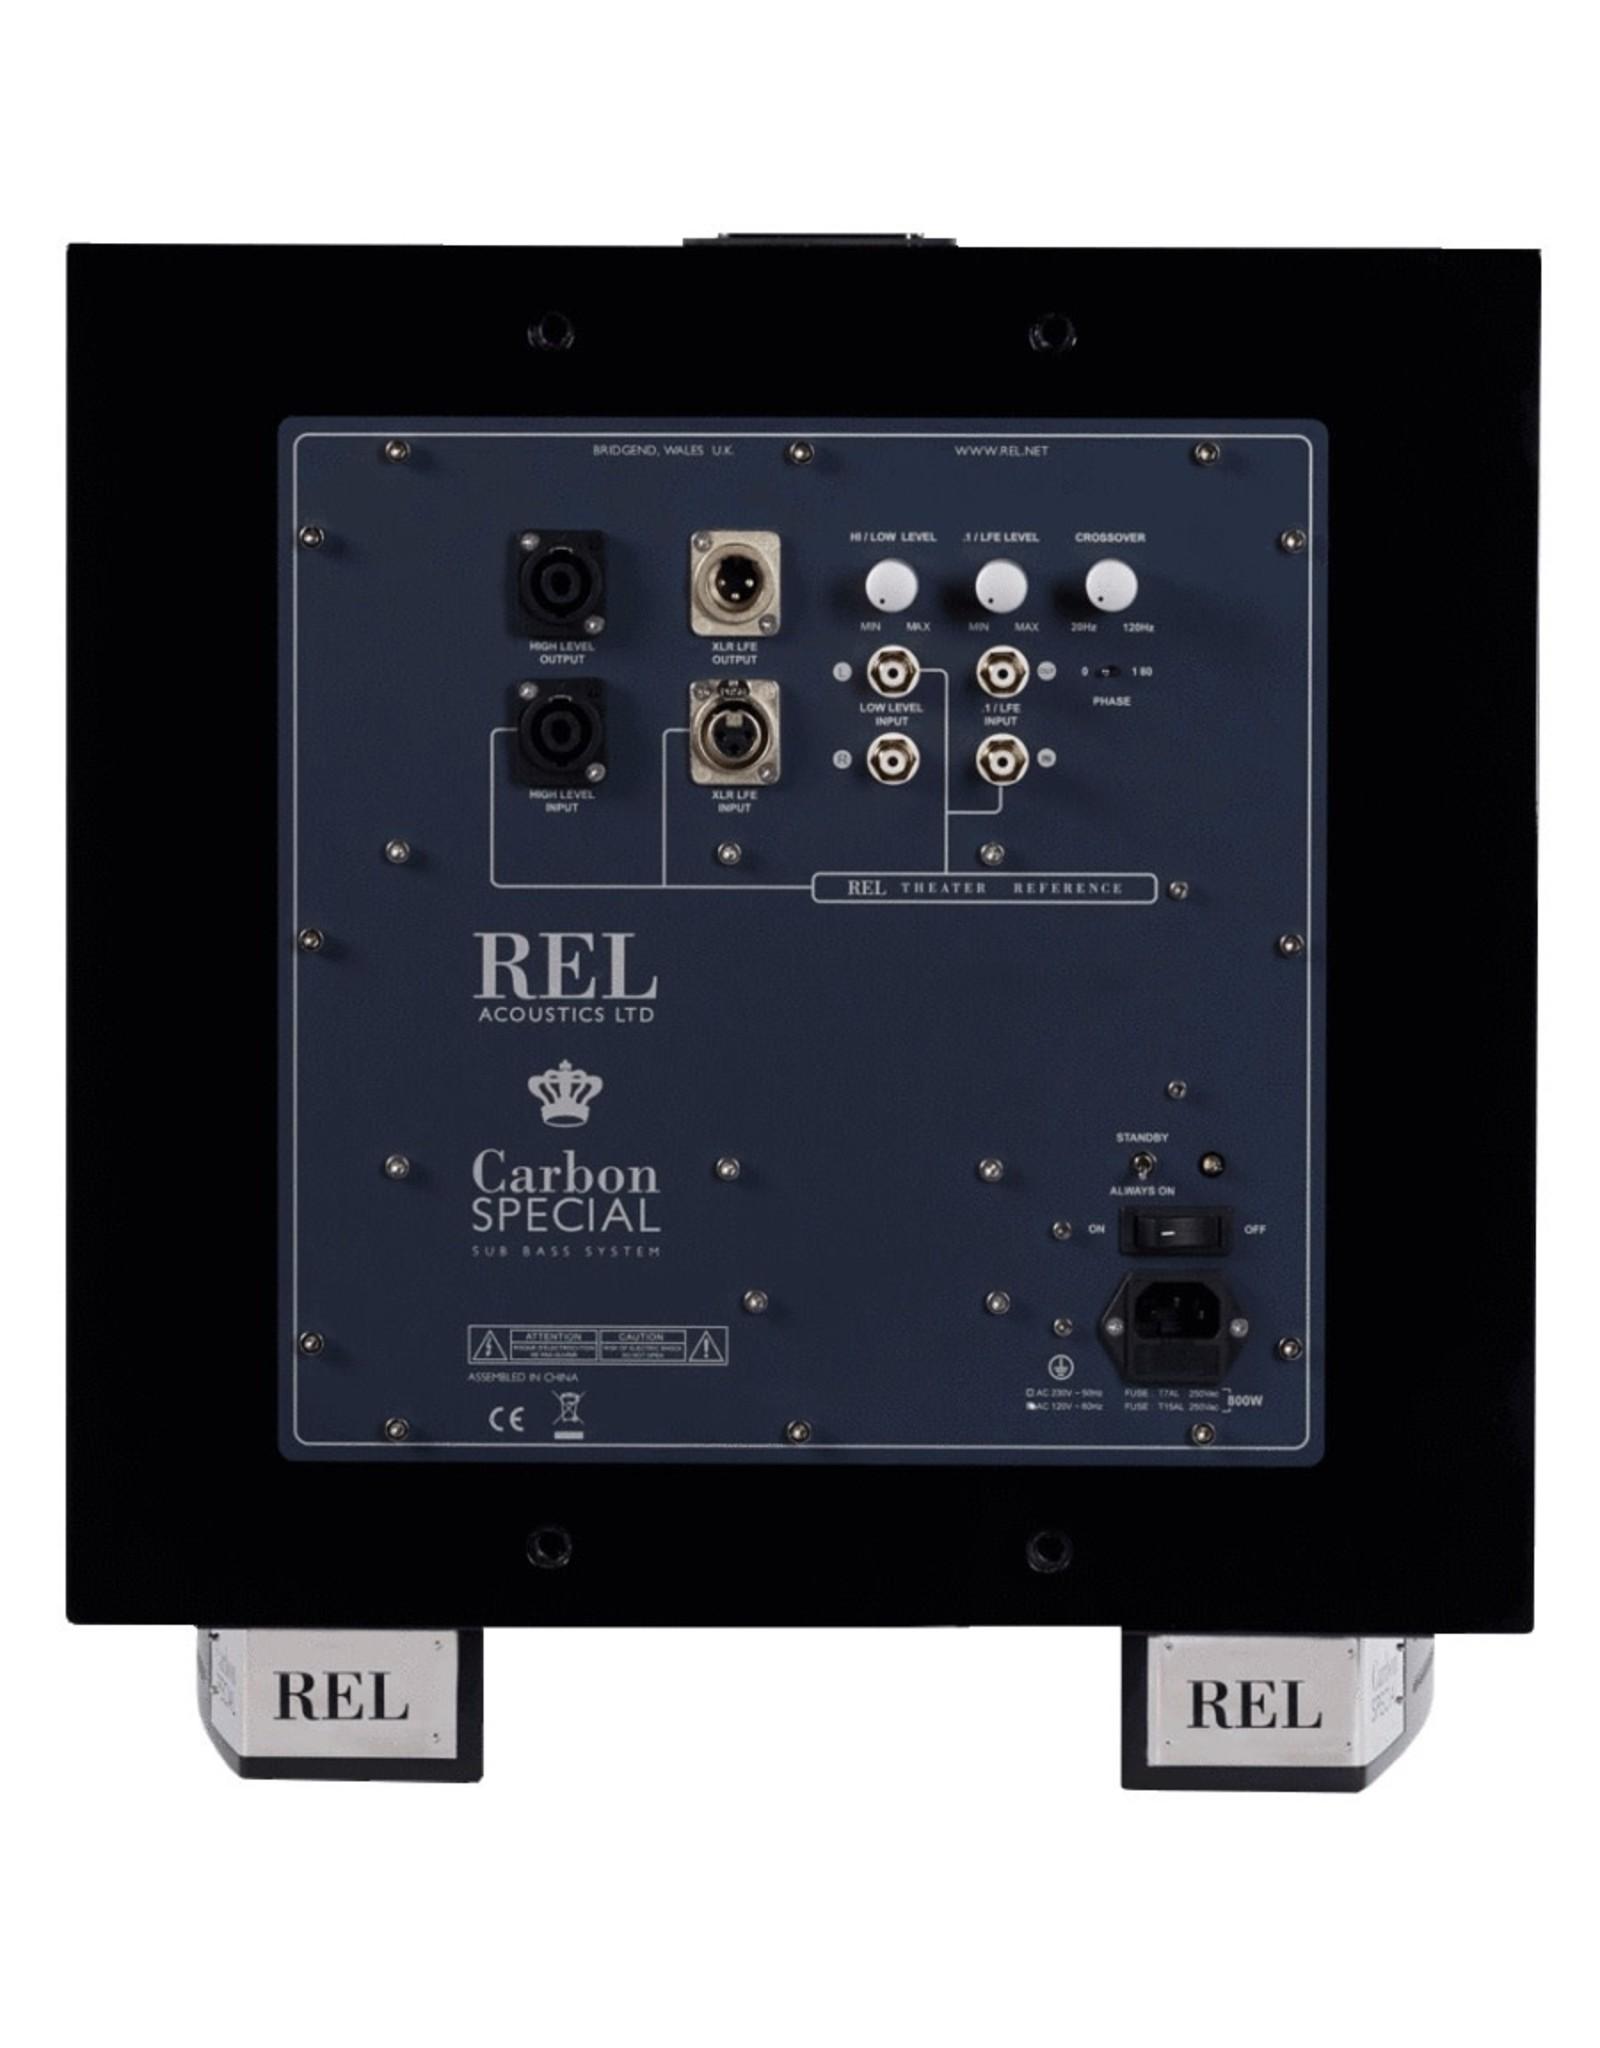 REL REL Carbon Special Subwoofer